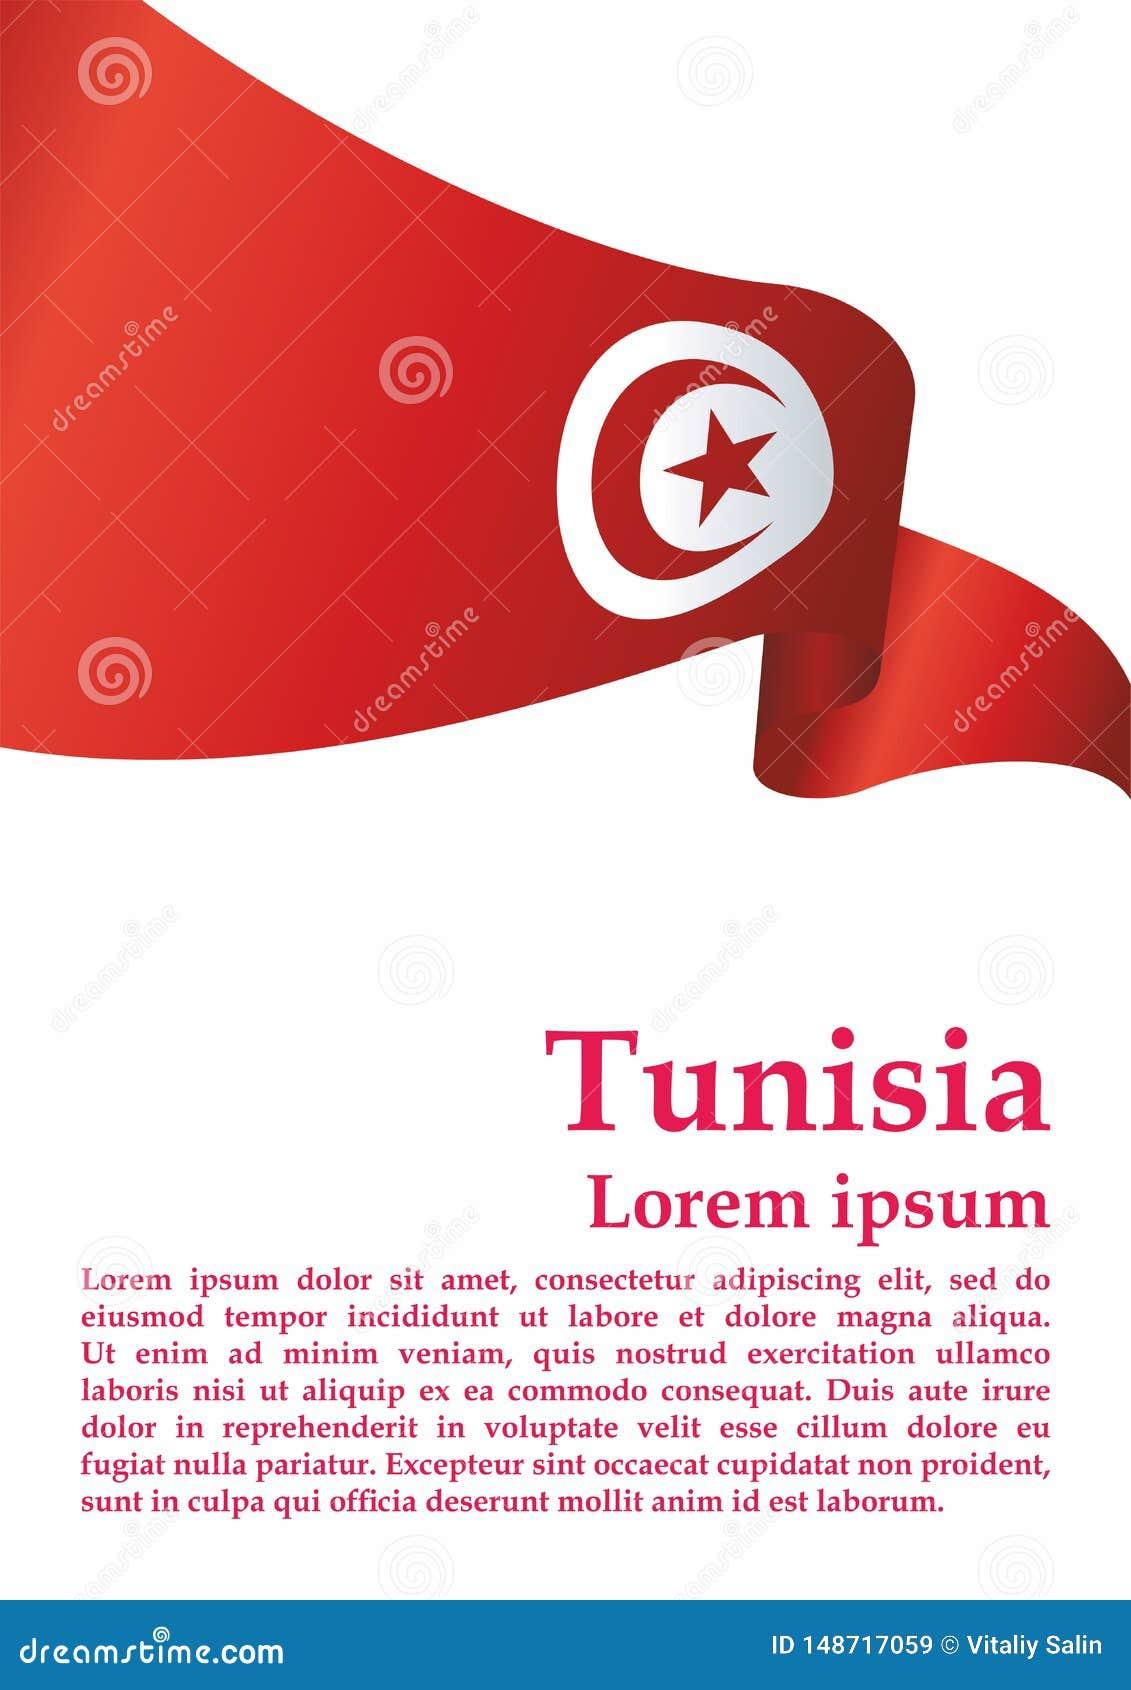 Drapeau de la Tunisie, république tunisienne Calibre pour la conception de récompense, un document officiel avec le drapeau de la